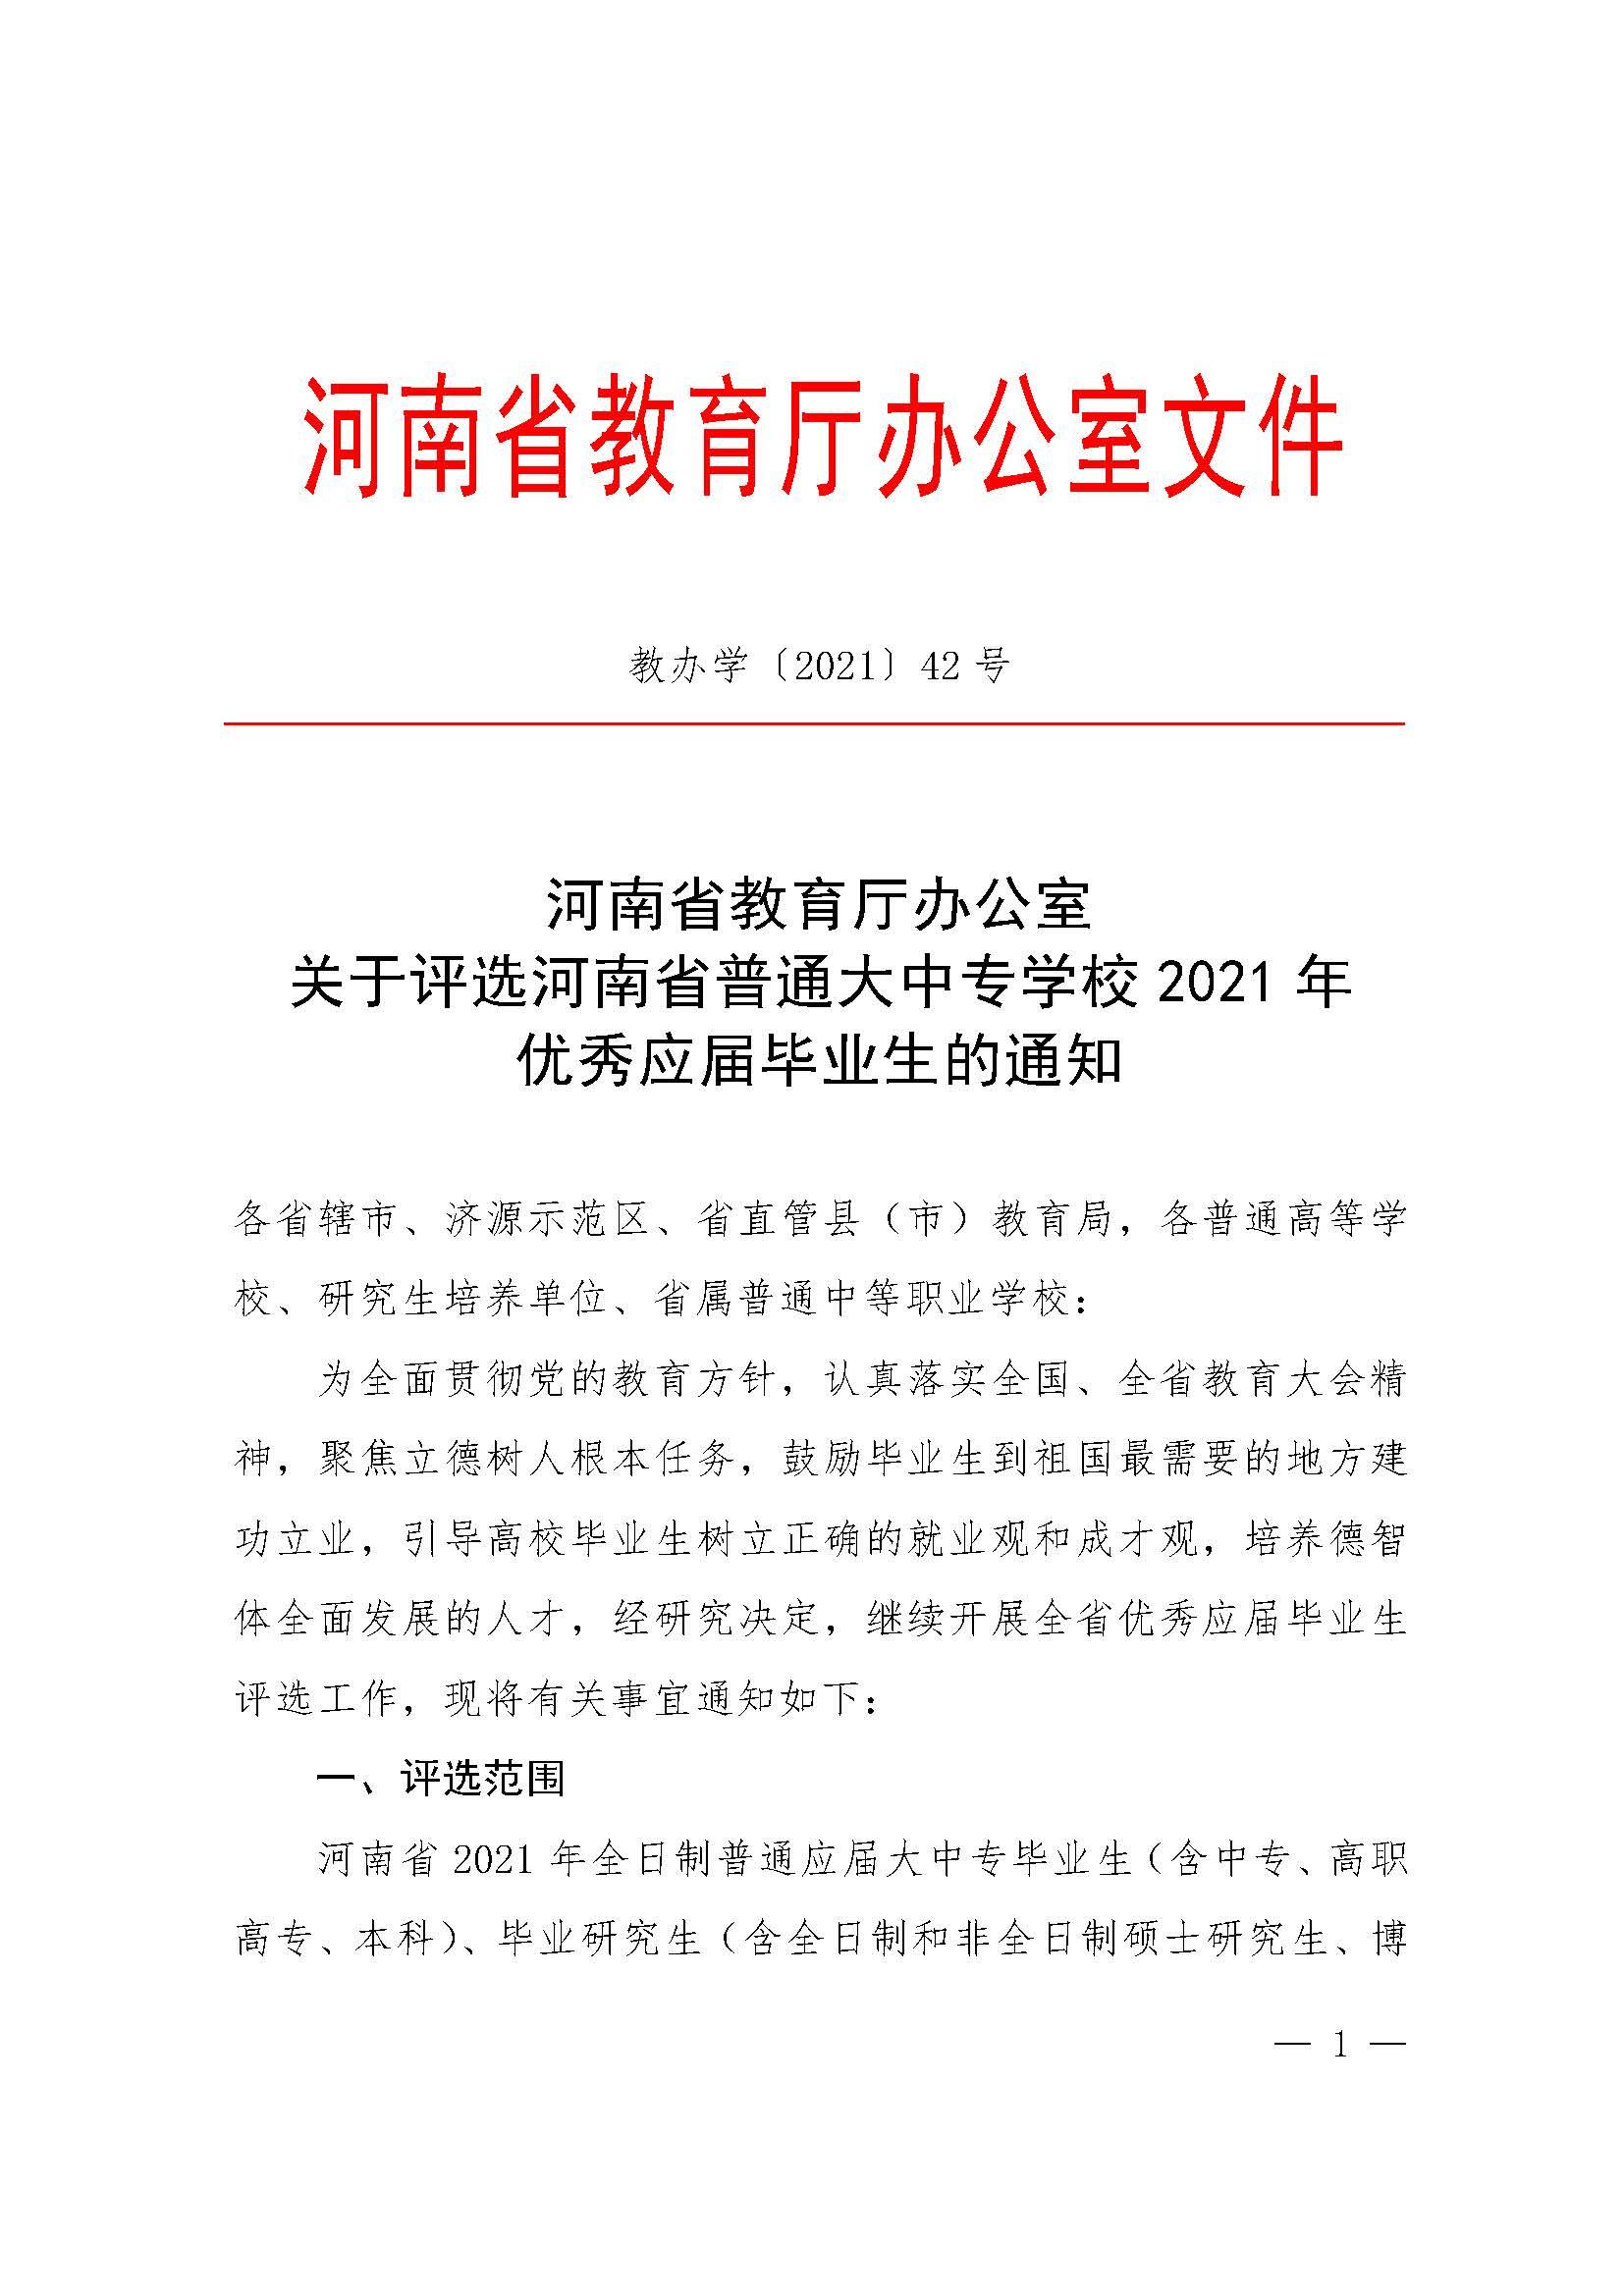 河南省教育厅办公室关于评选河南省普通大中专学校2021年优秀应届毕业生的通知_页面_01.jpg